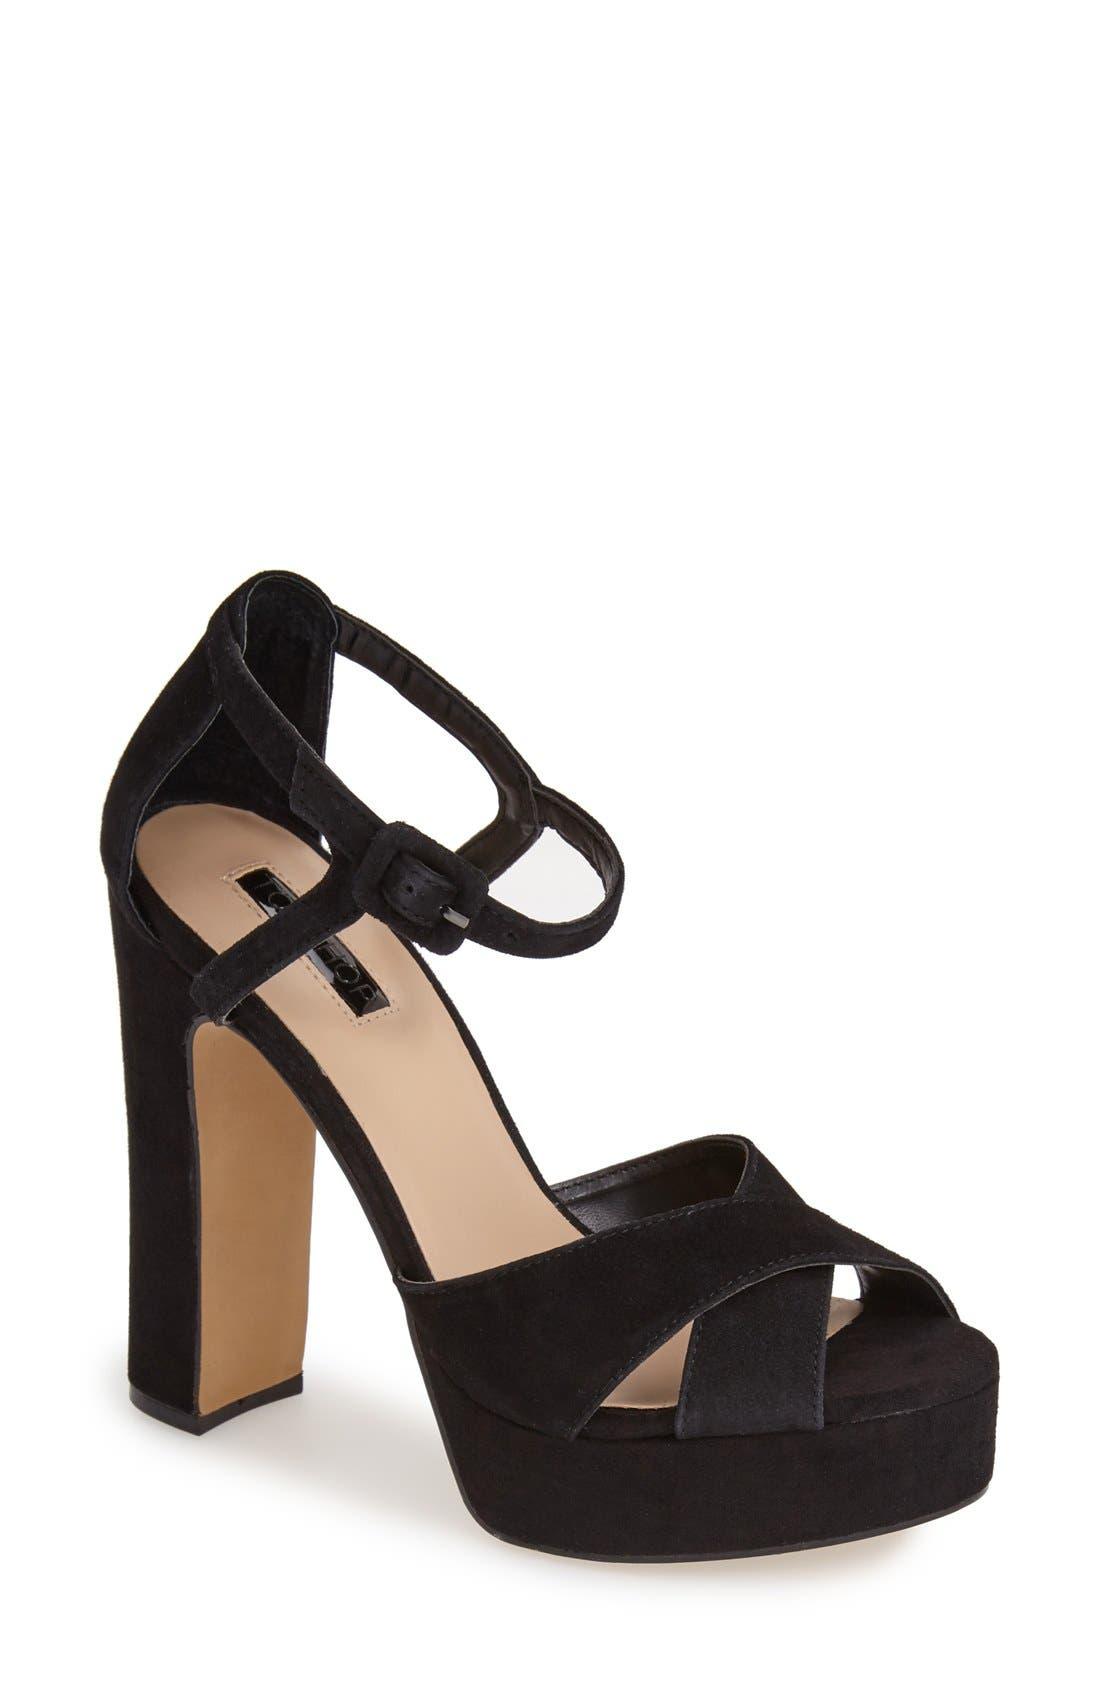 Main Image - Topshop 'Locket' Platform Suede Sandal (Women)